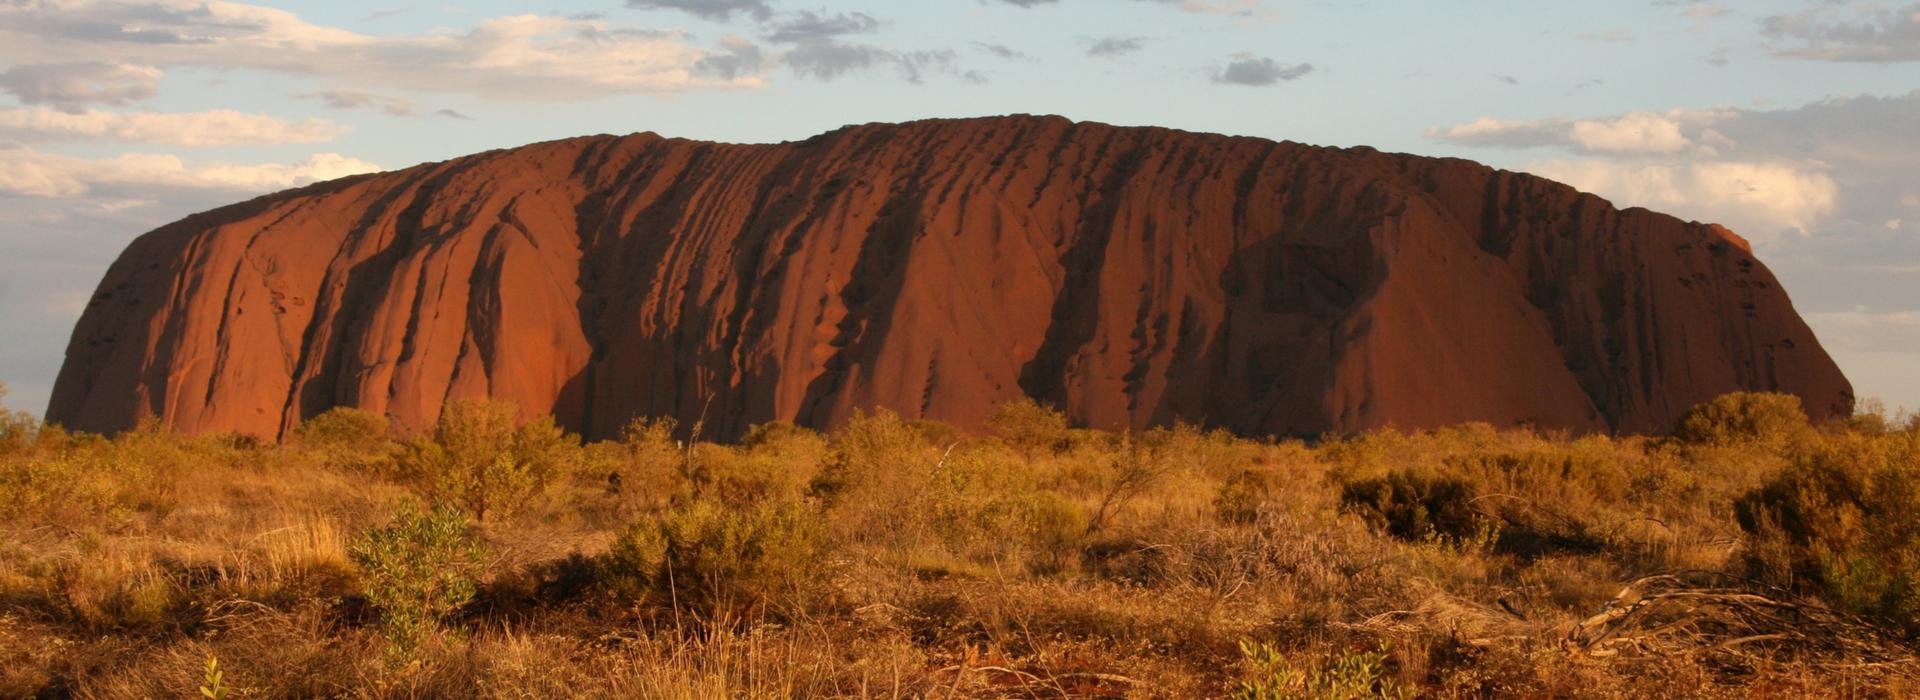 Image of Uluru in Northern Territory